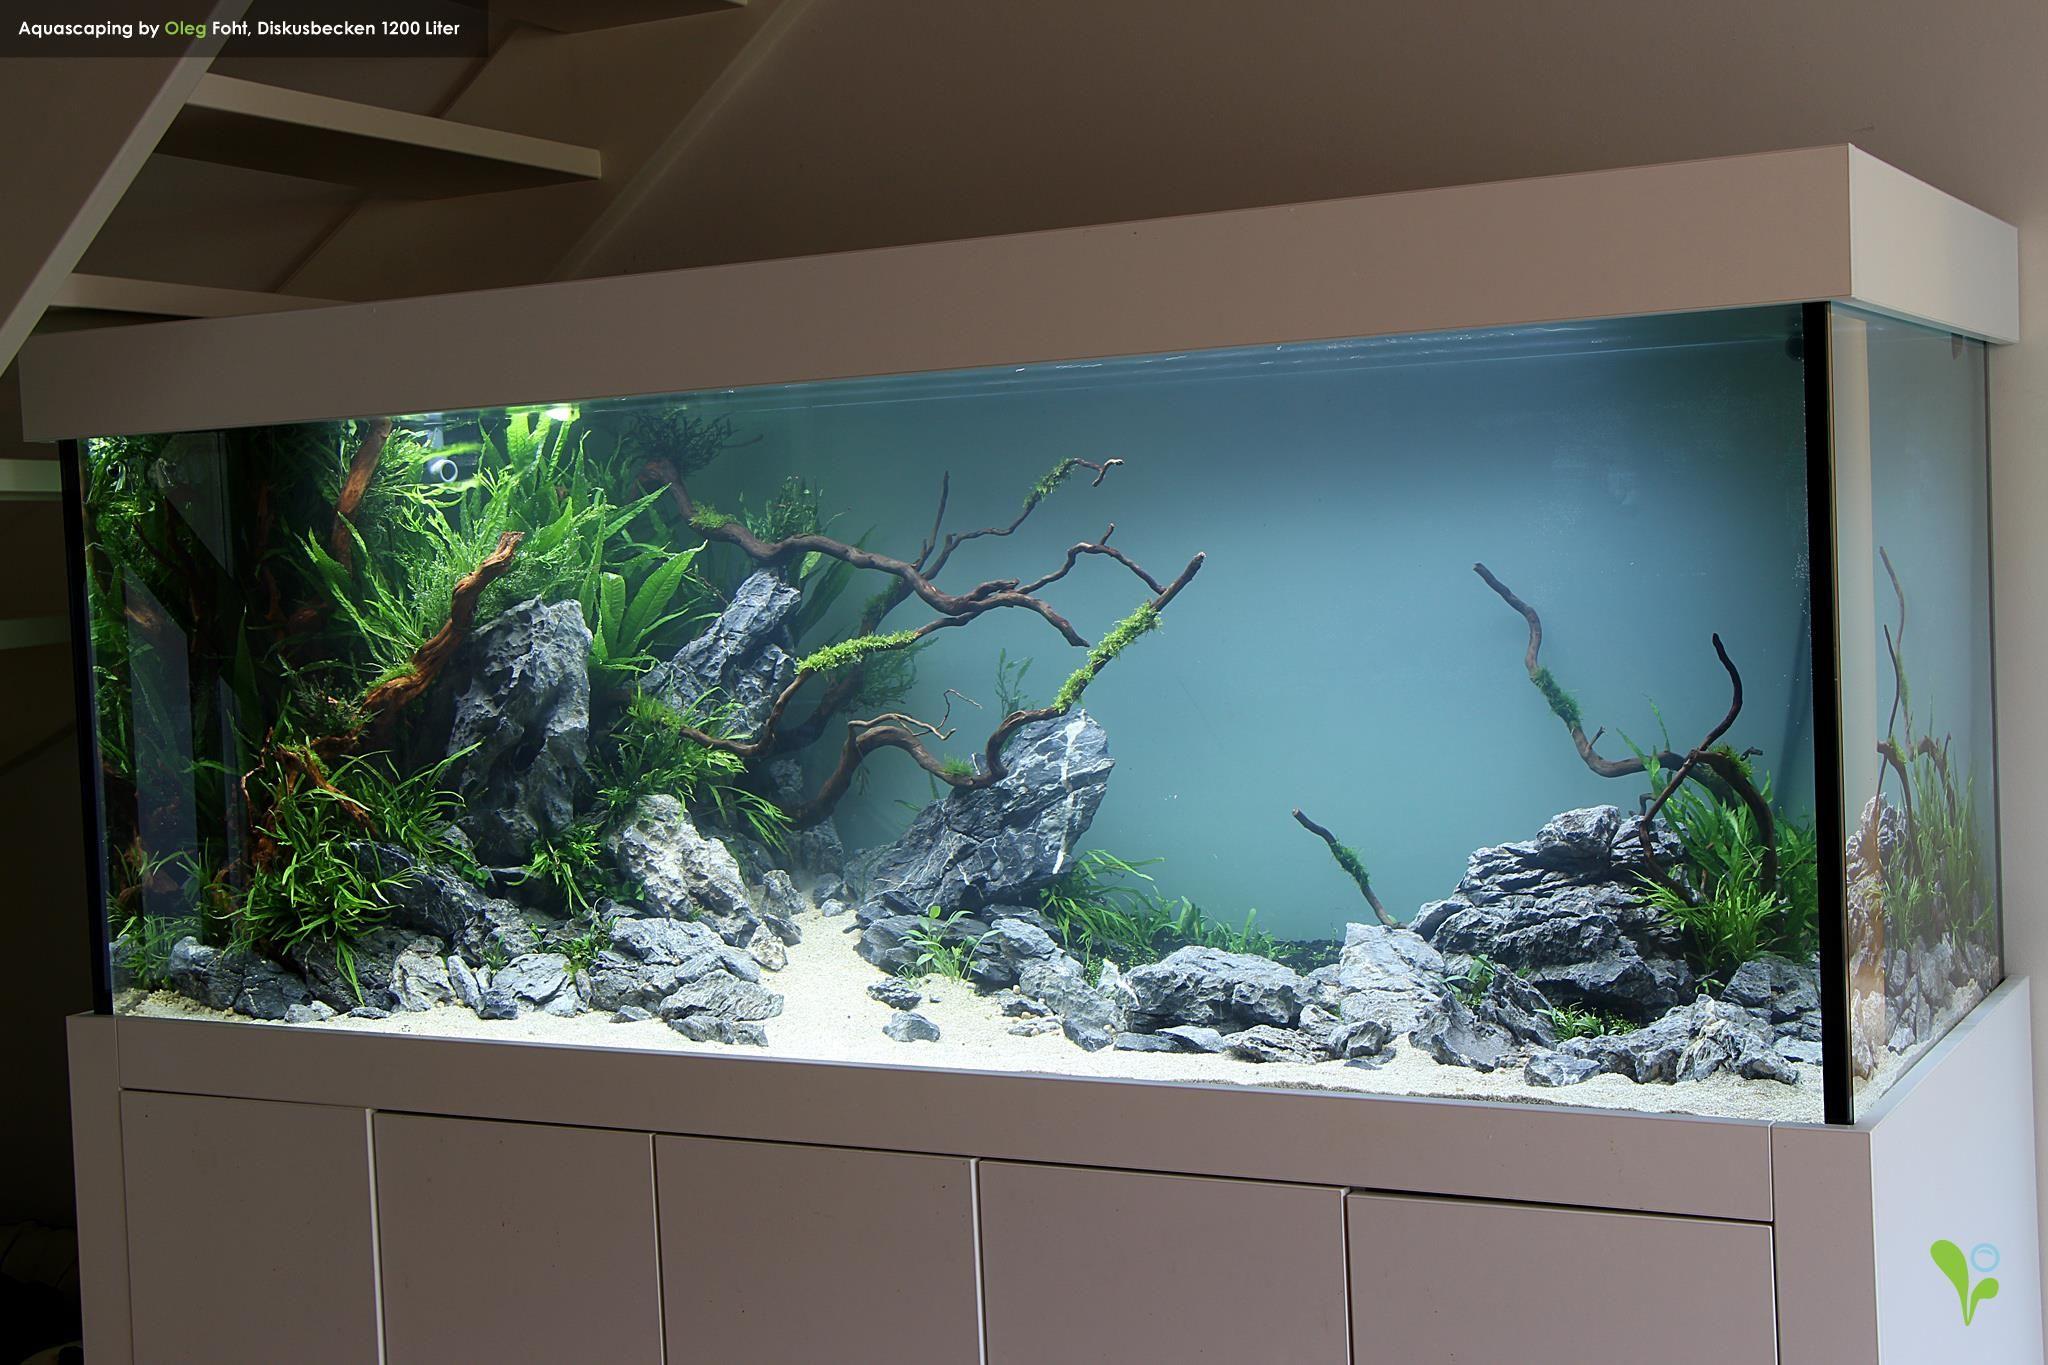 e92ba3b40210eb5ce840795febfeac44 Luxe De Crevette Aquarium Des Idées